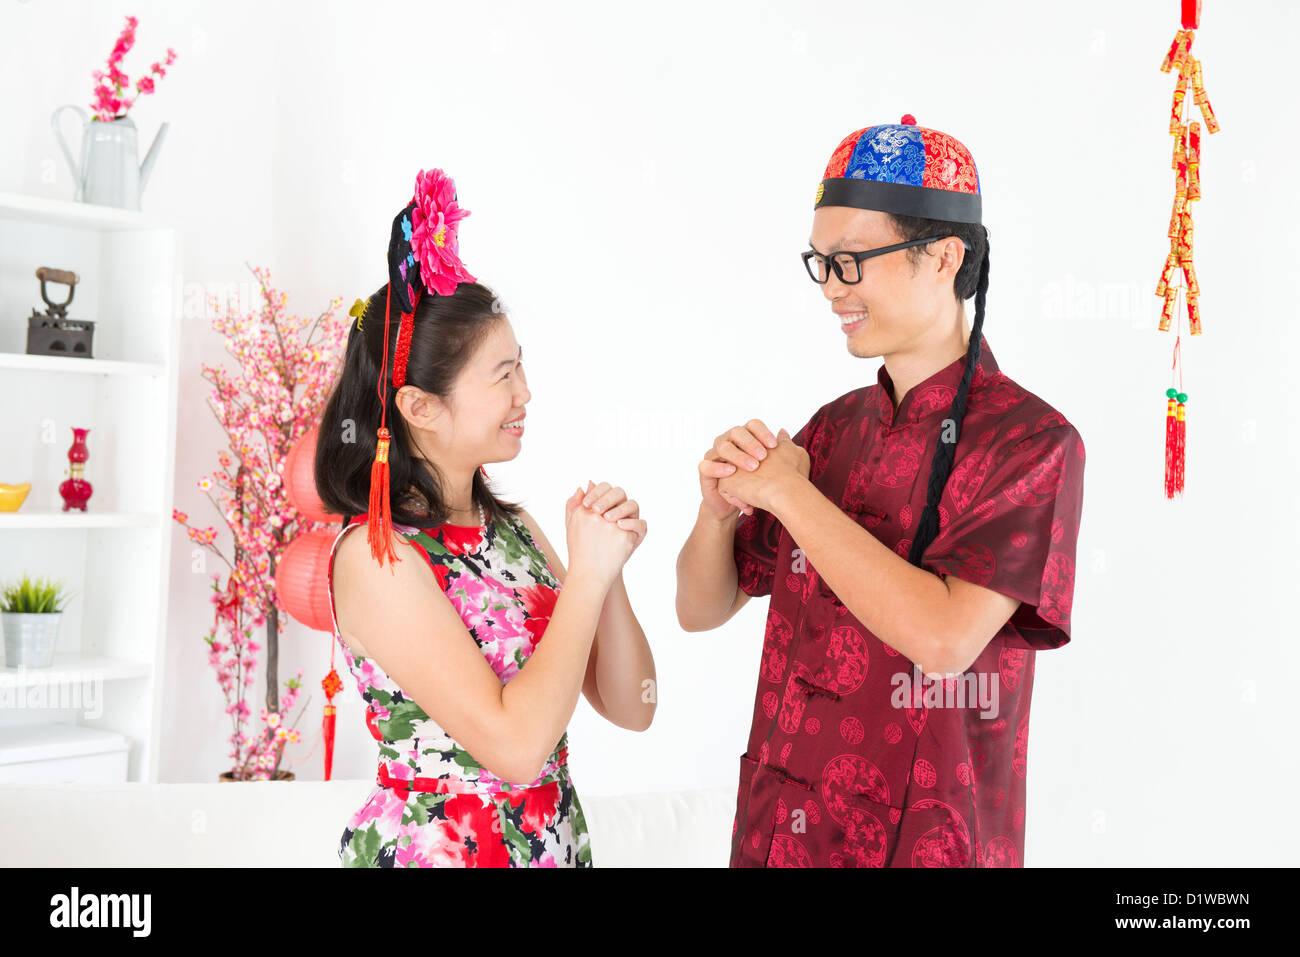 Frohes neues Jahr. Asiaten Gruß tagsüber chinesische neue indoor ...